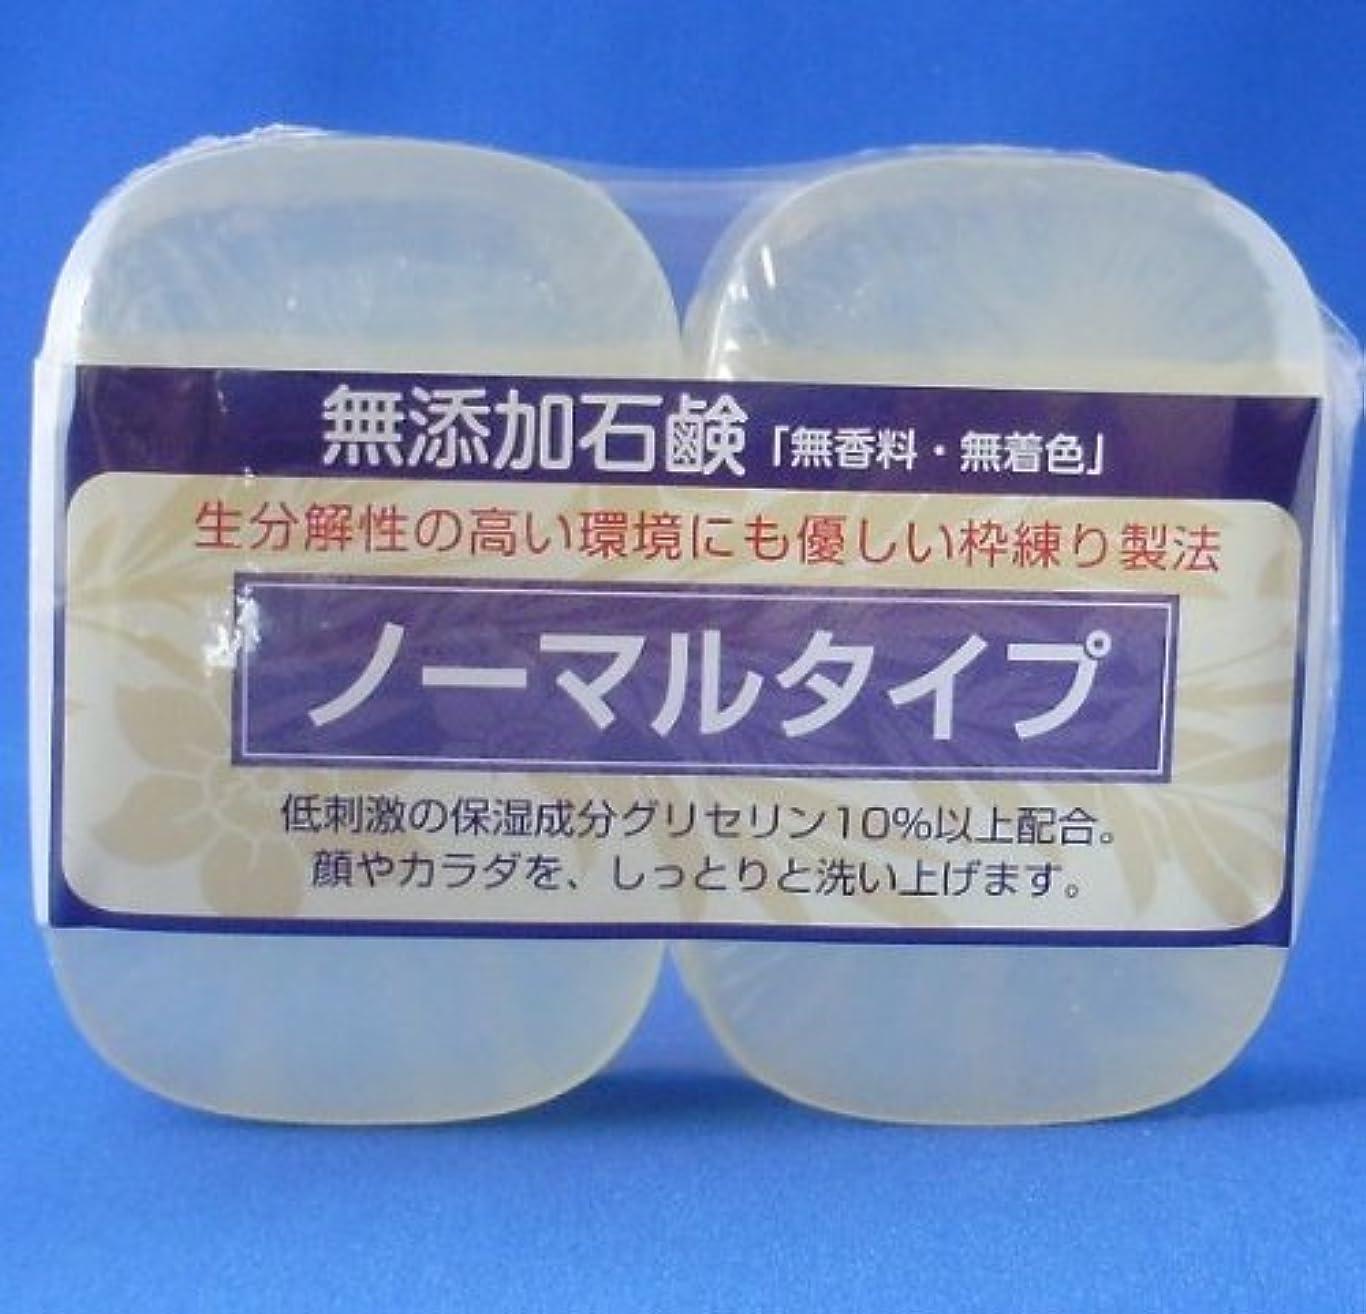 レンズわがままあえぎ無添加石鹸 ノーマルタイプ 90g×2個